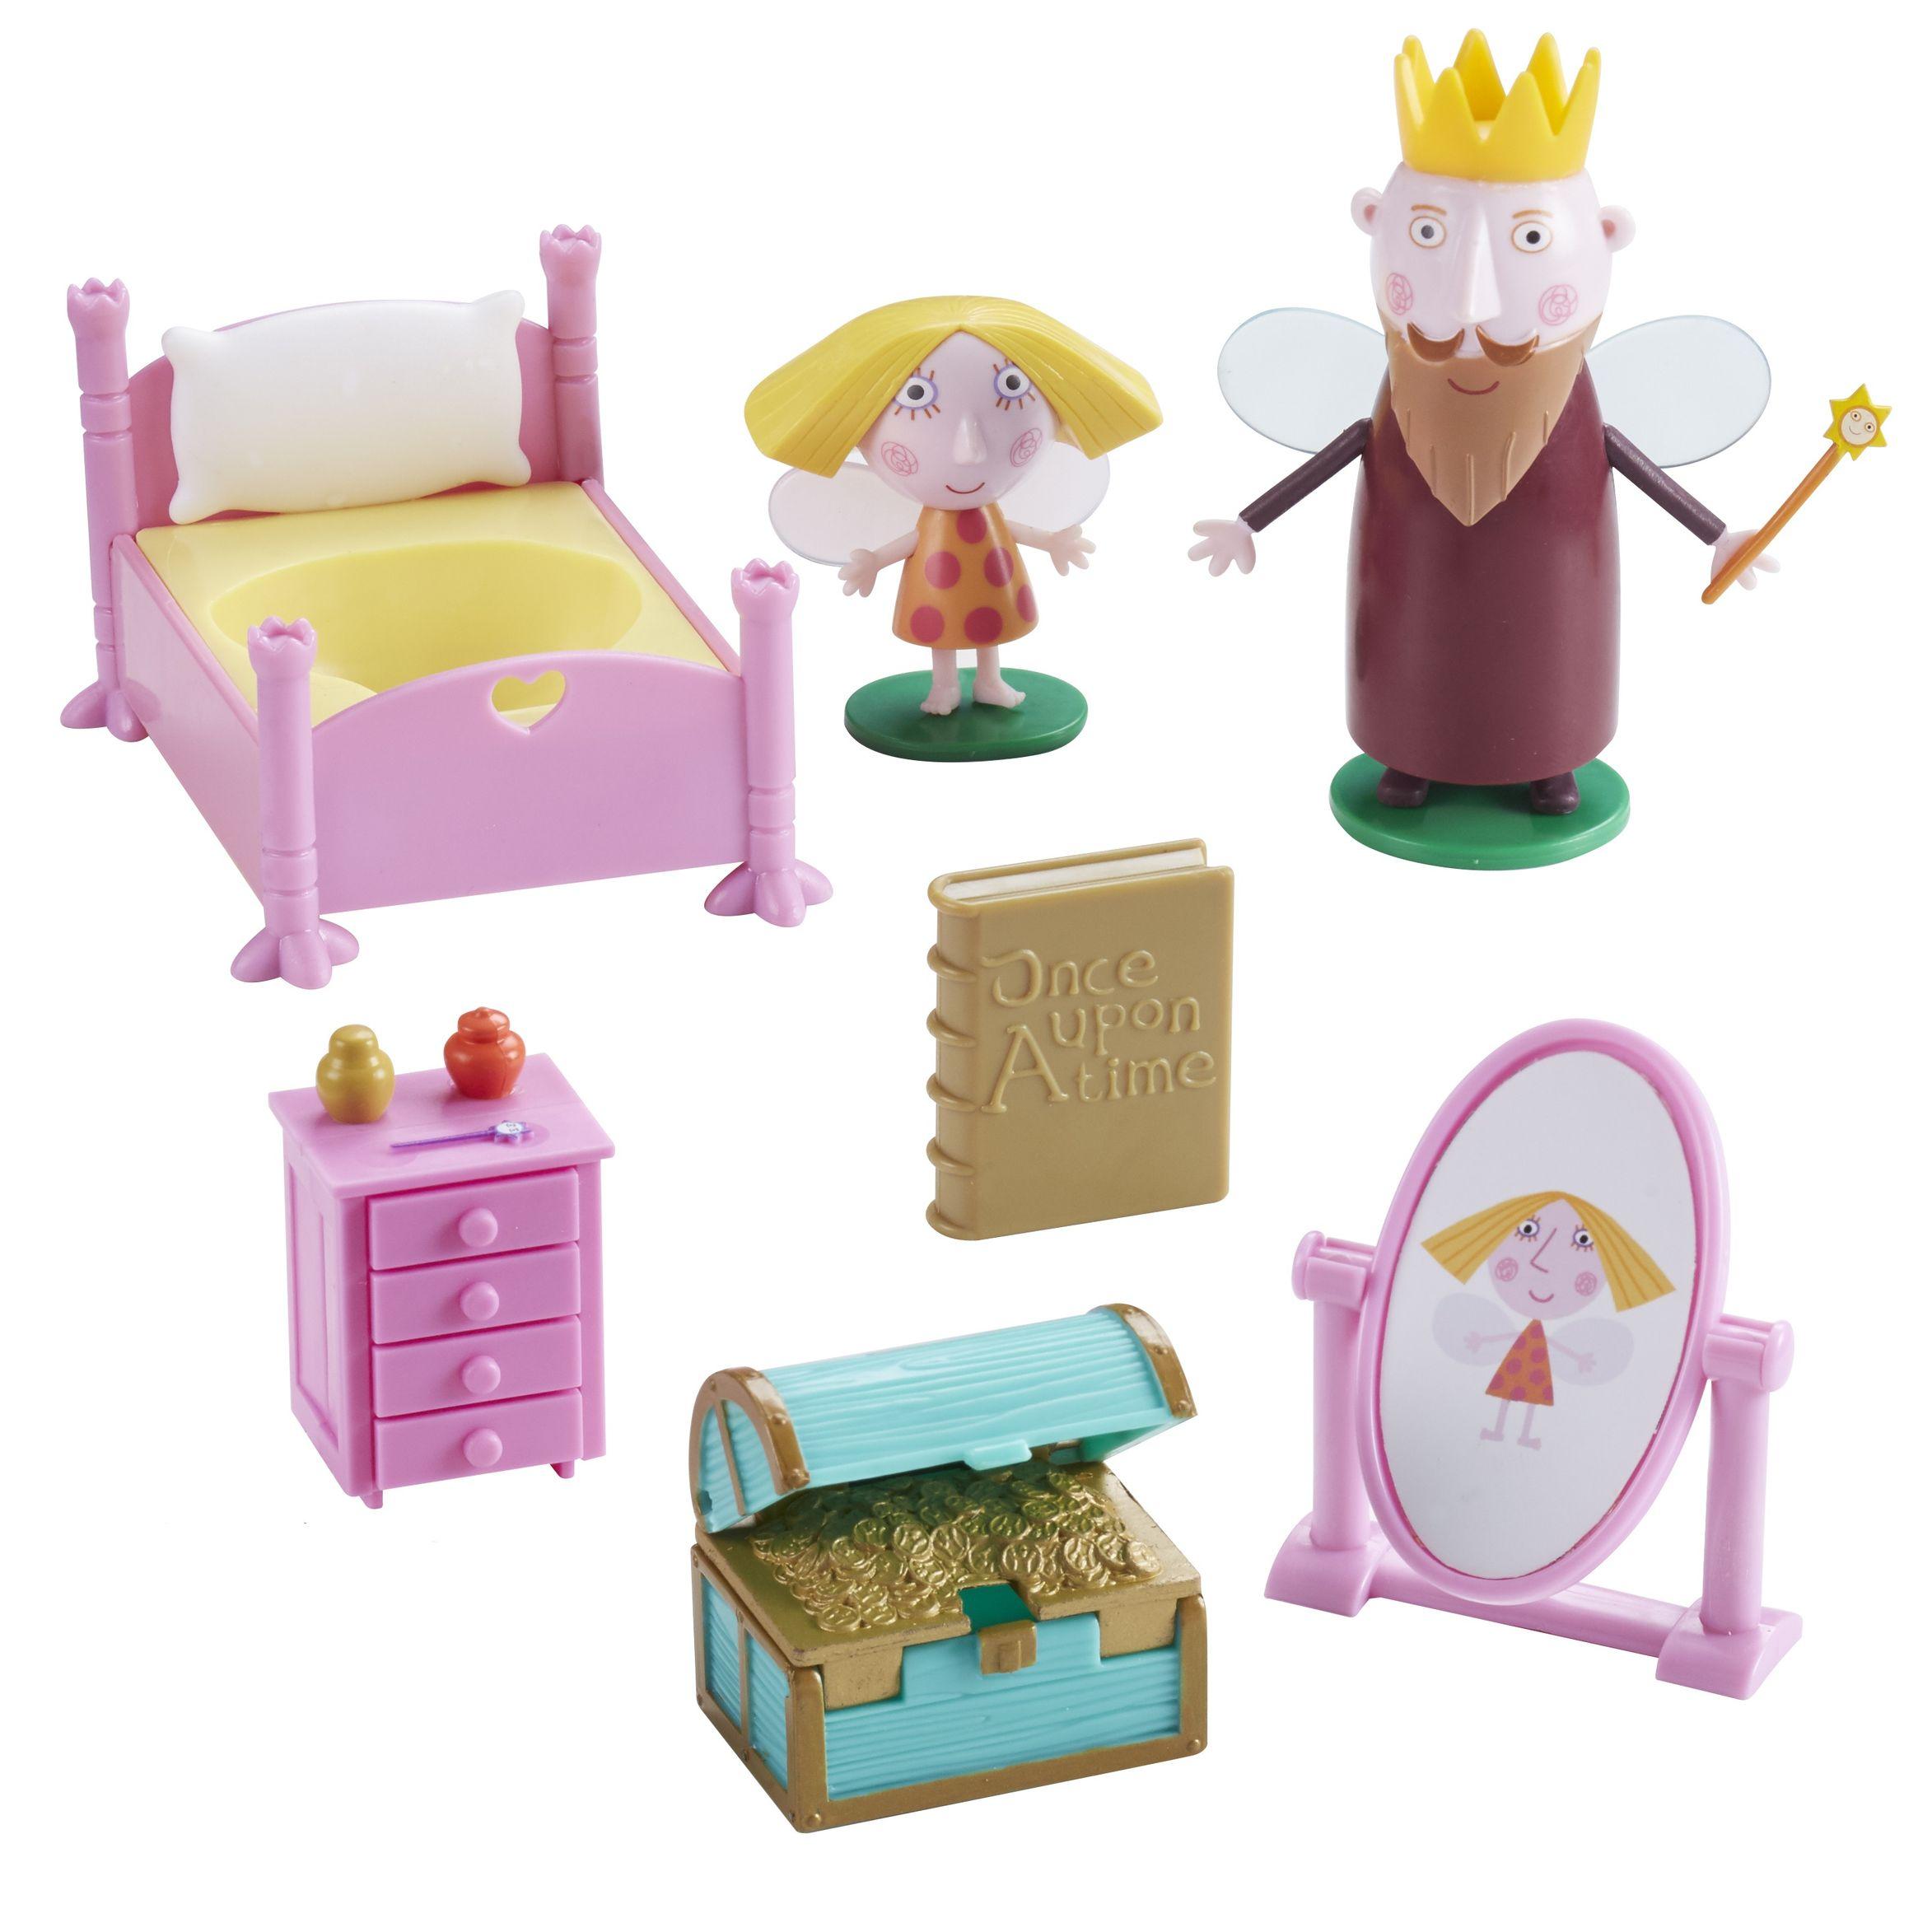 Купить Игровой набор – Сказка на ночь с 2 фигурками Холли и короля из серии Маленькое королевство Бена и Холли, Росмэн